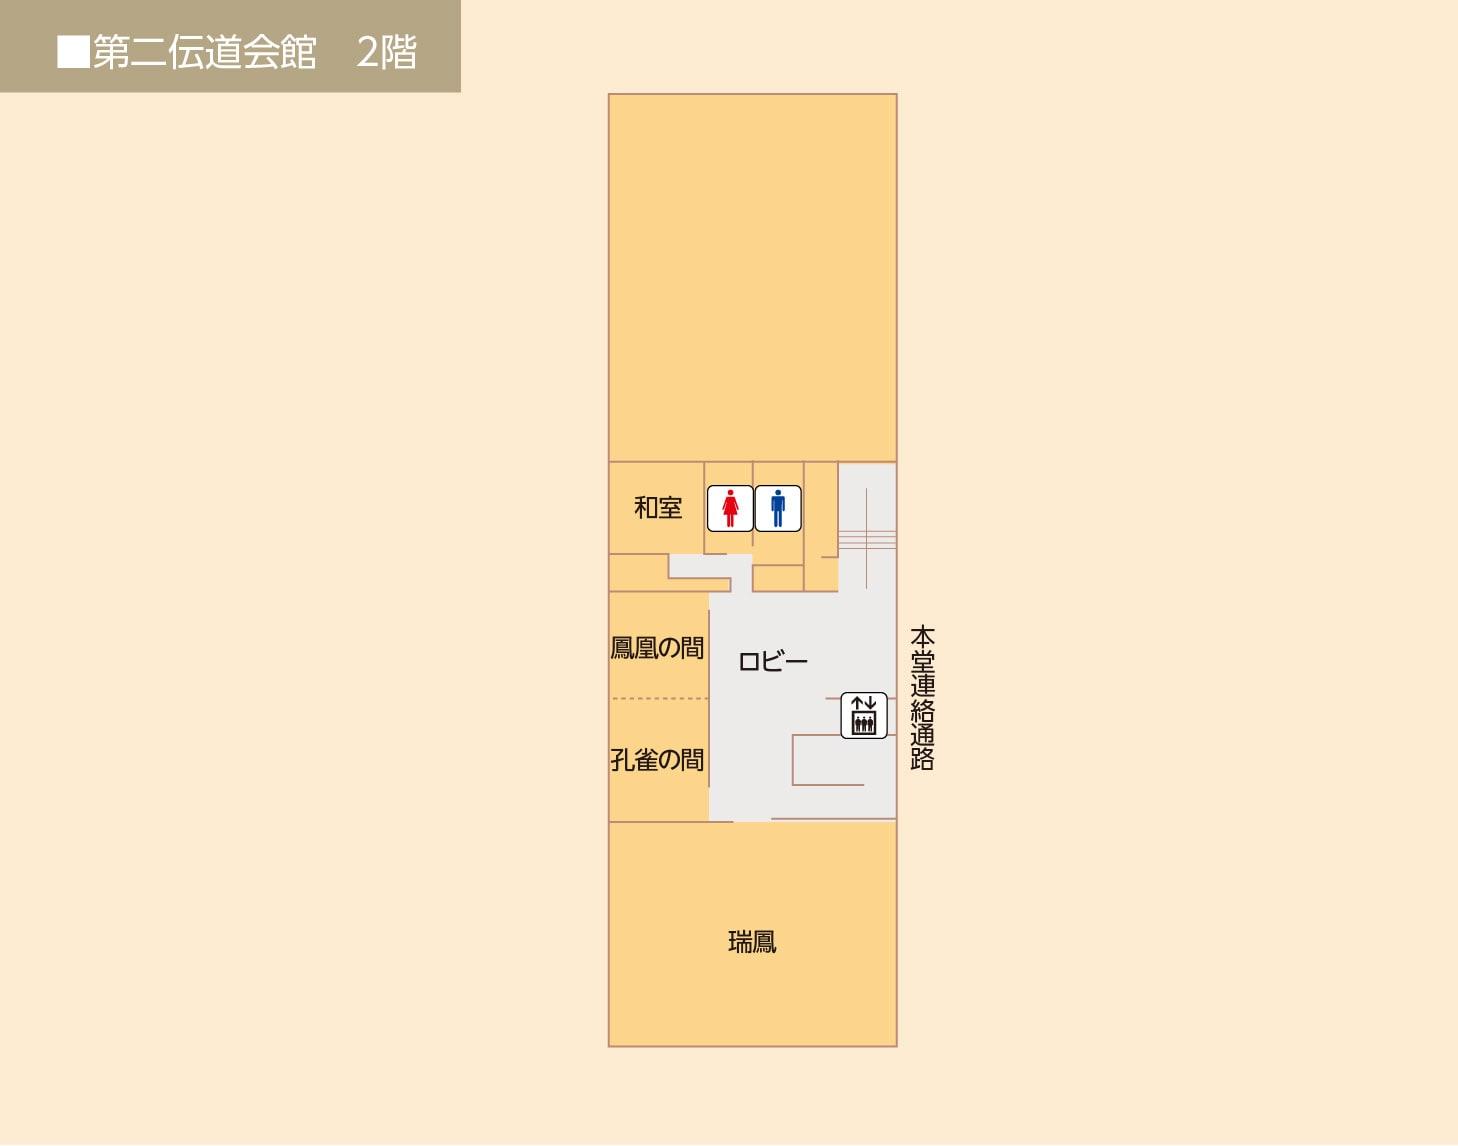 第二伝道会館1階